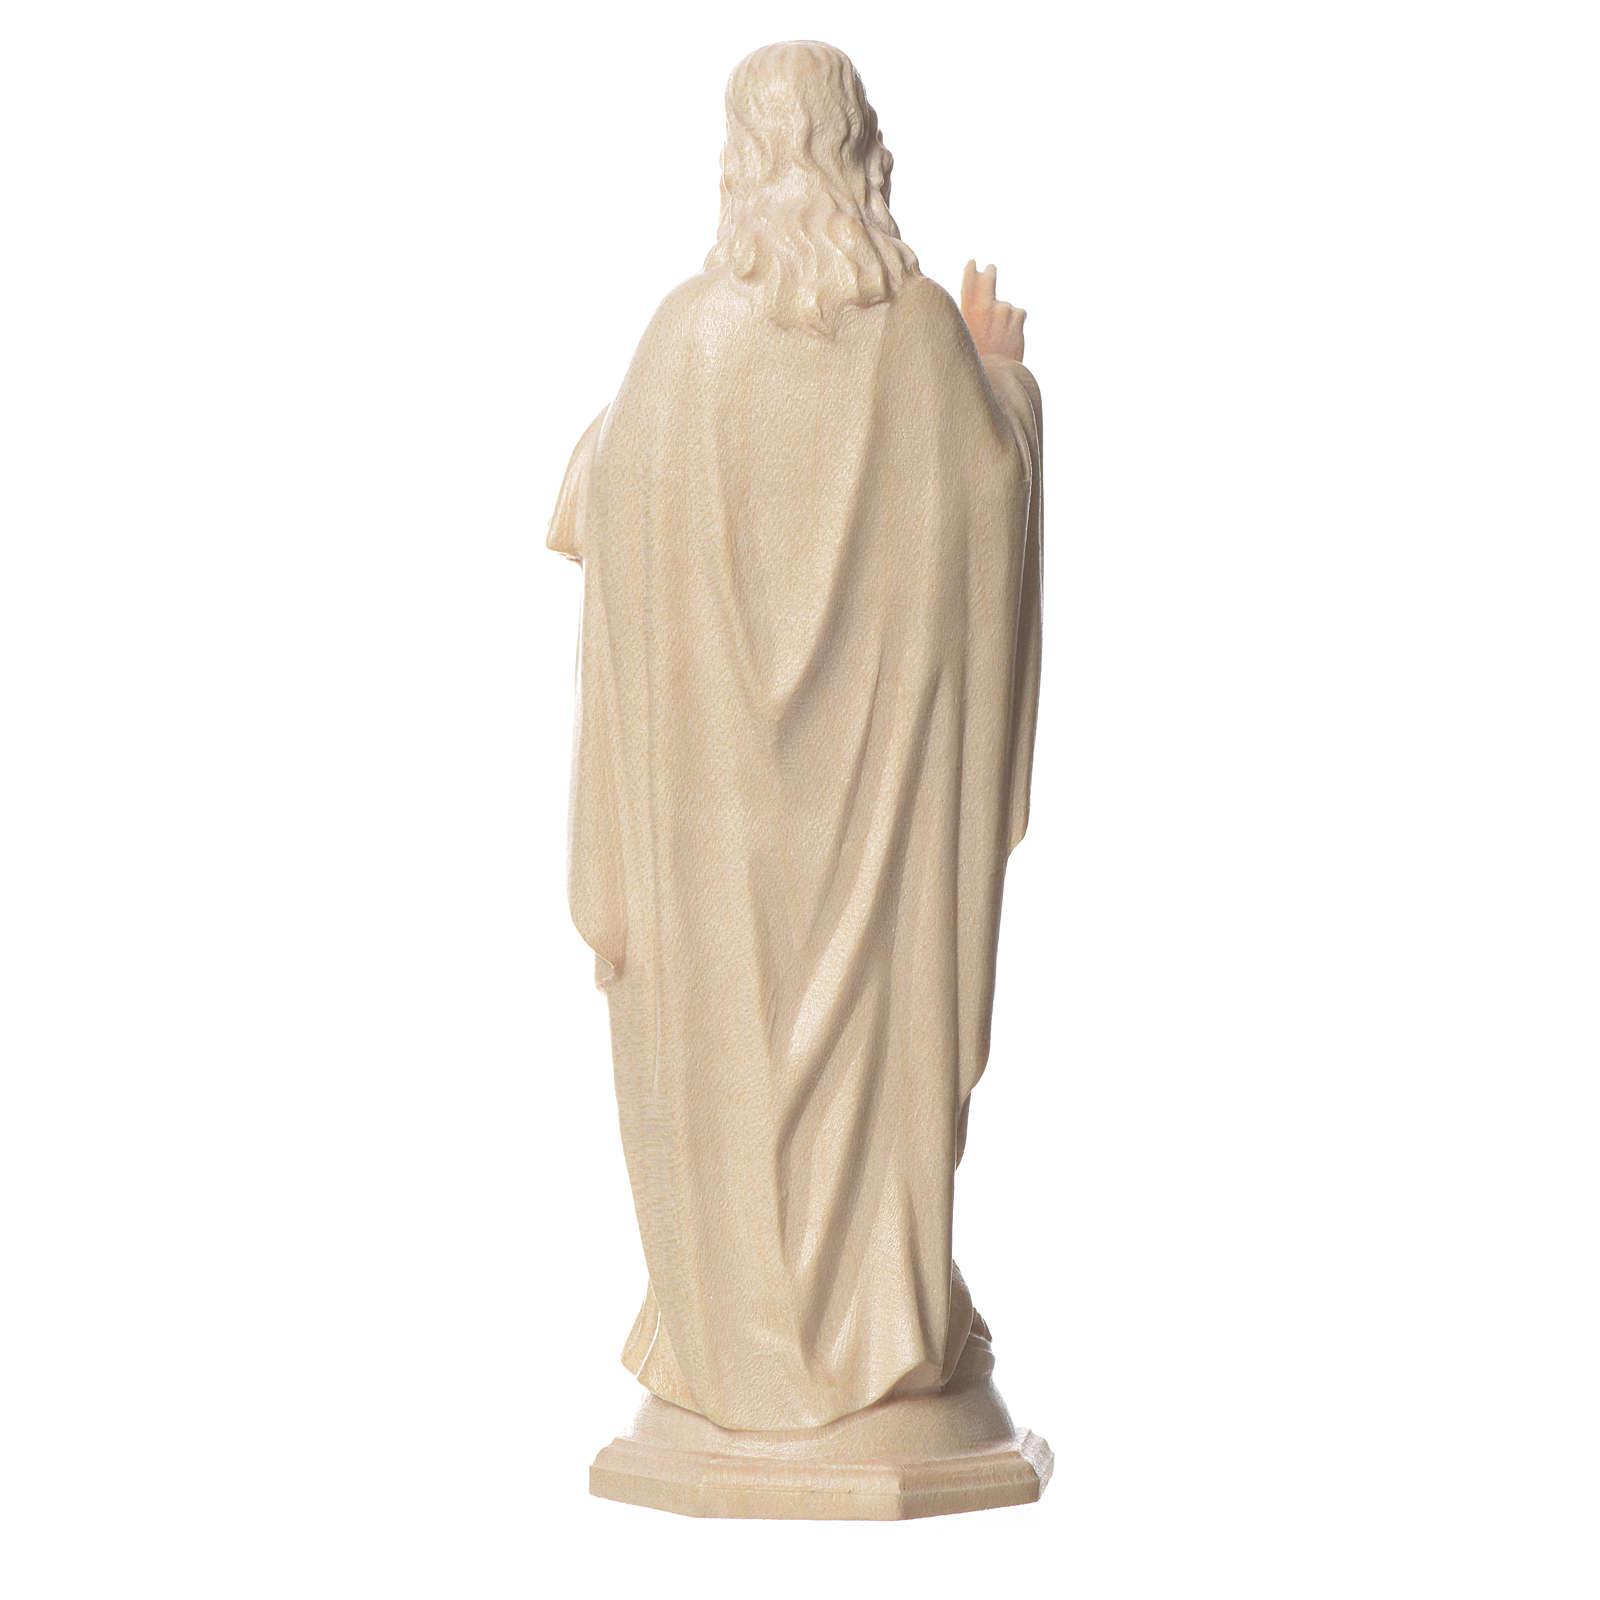 Imagen Sagrado Corazón de Jesús de madera natural de la Val Gardena, acabado con cera transparente 4